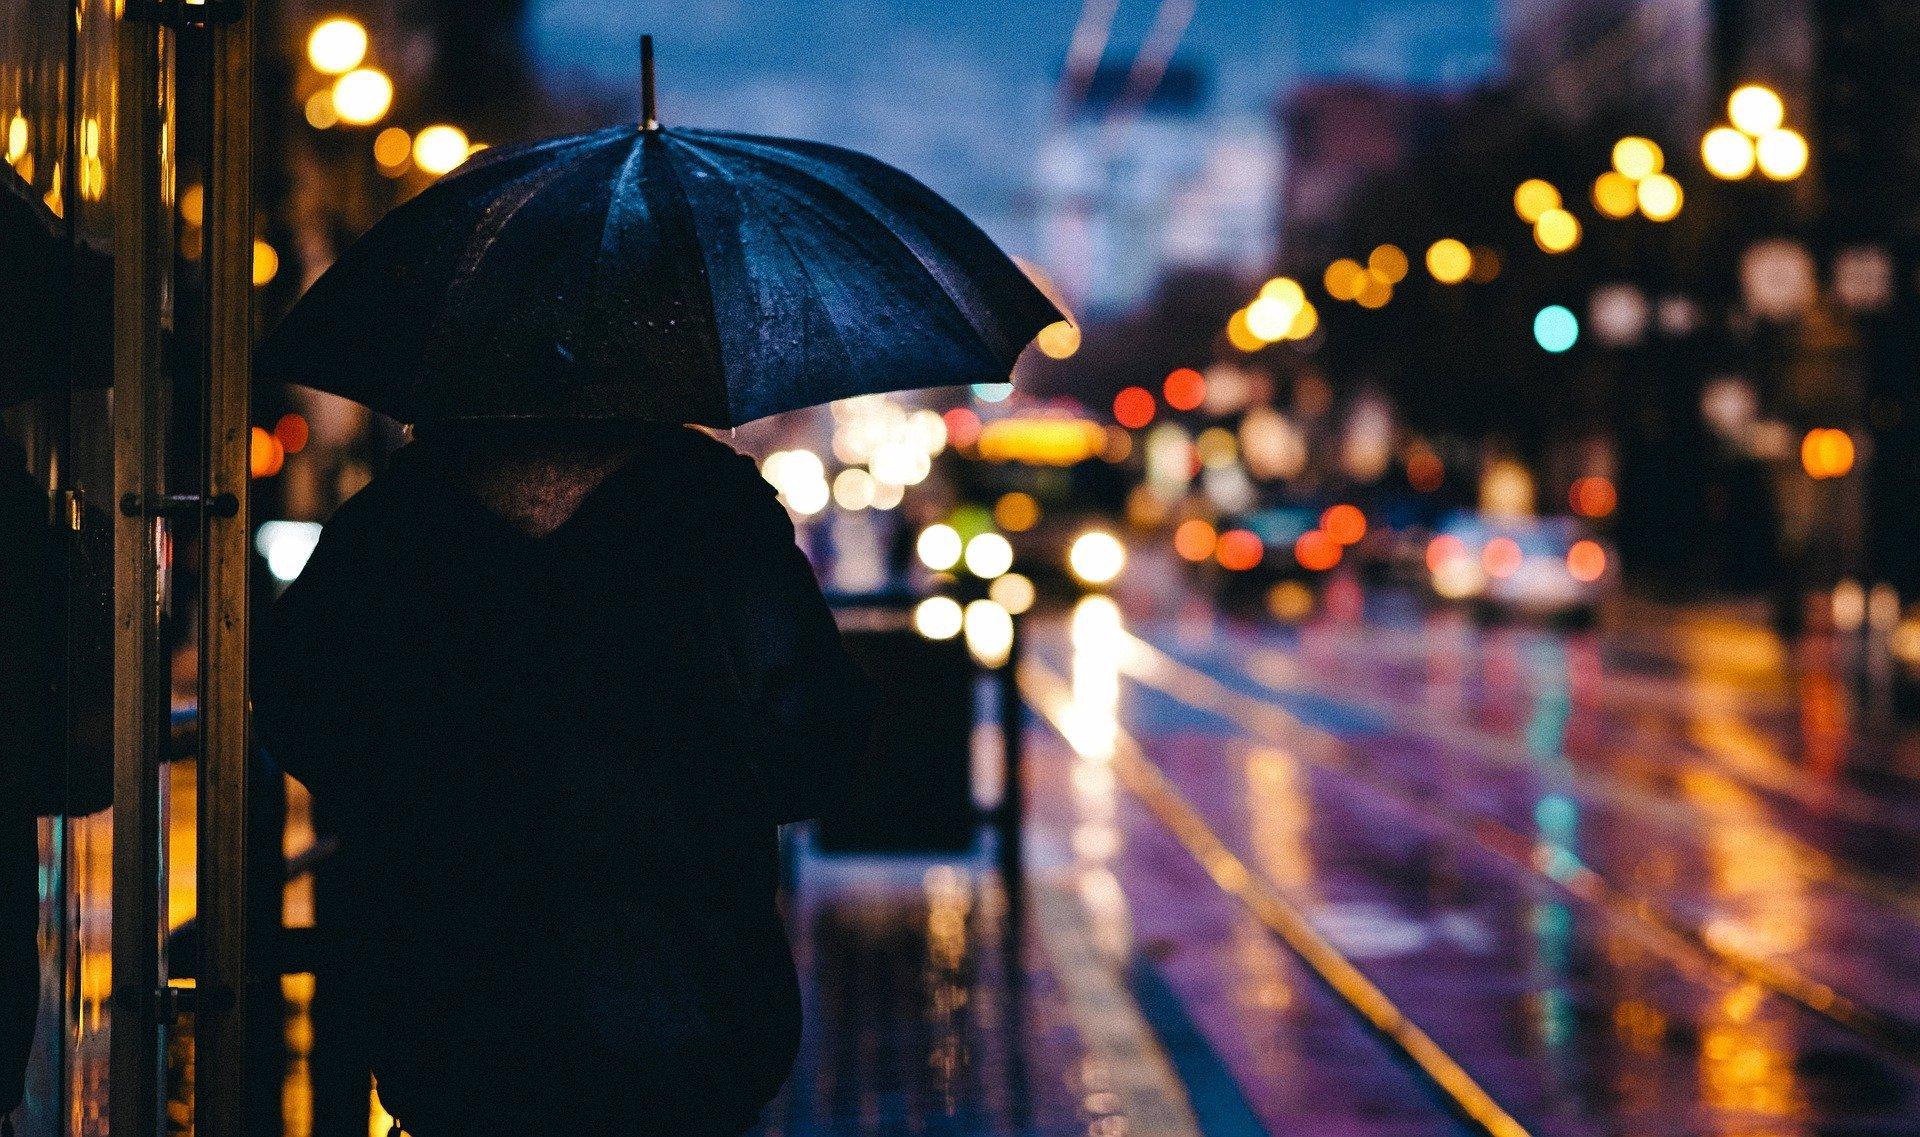 Víkend přinese sychravé počasí: V Česku bude pršet, sněžit a foukat